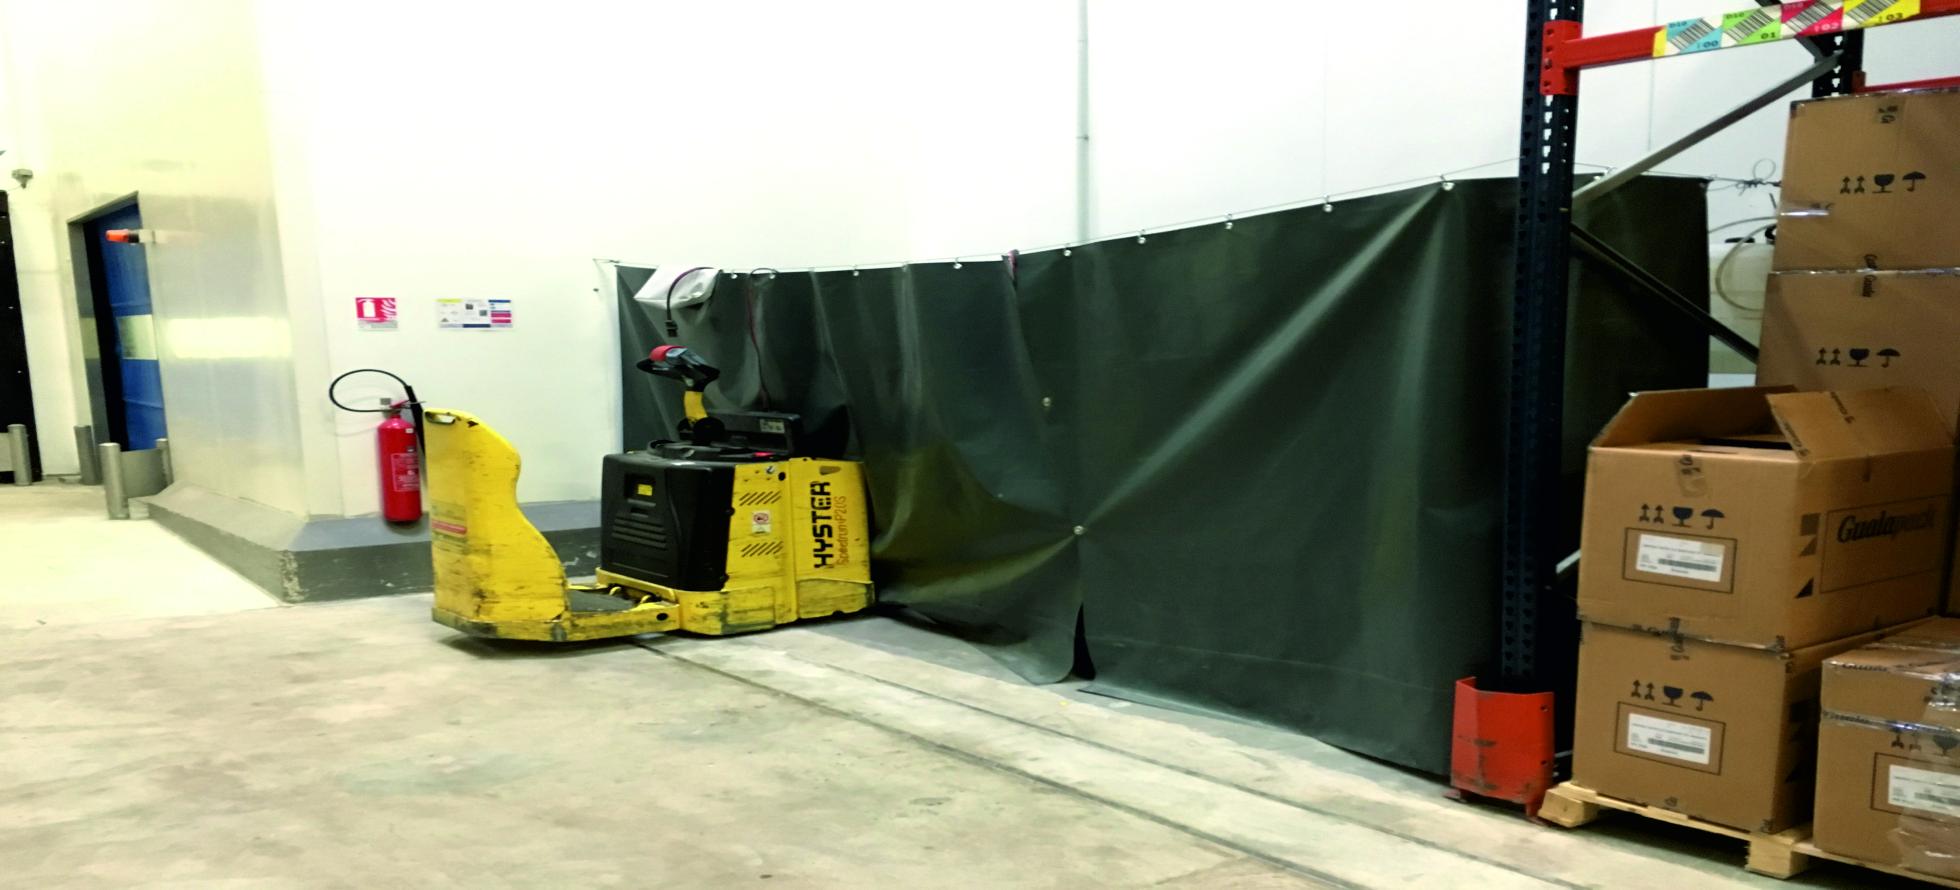 rideau de protection pour zone de stockage